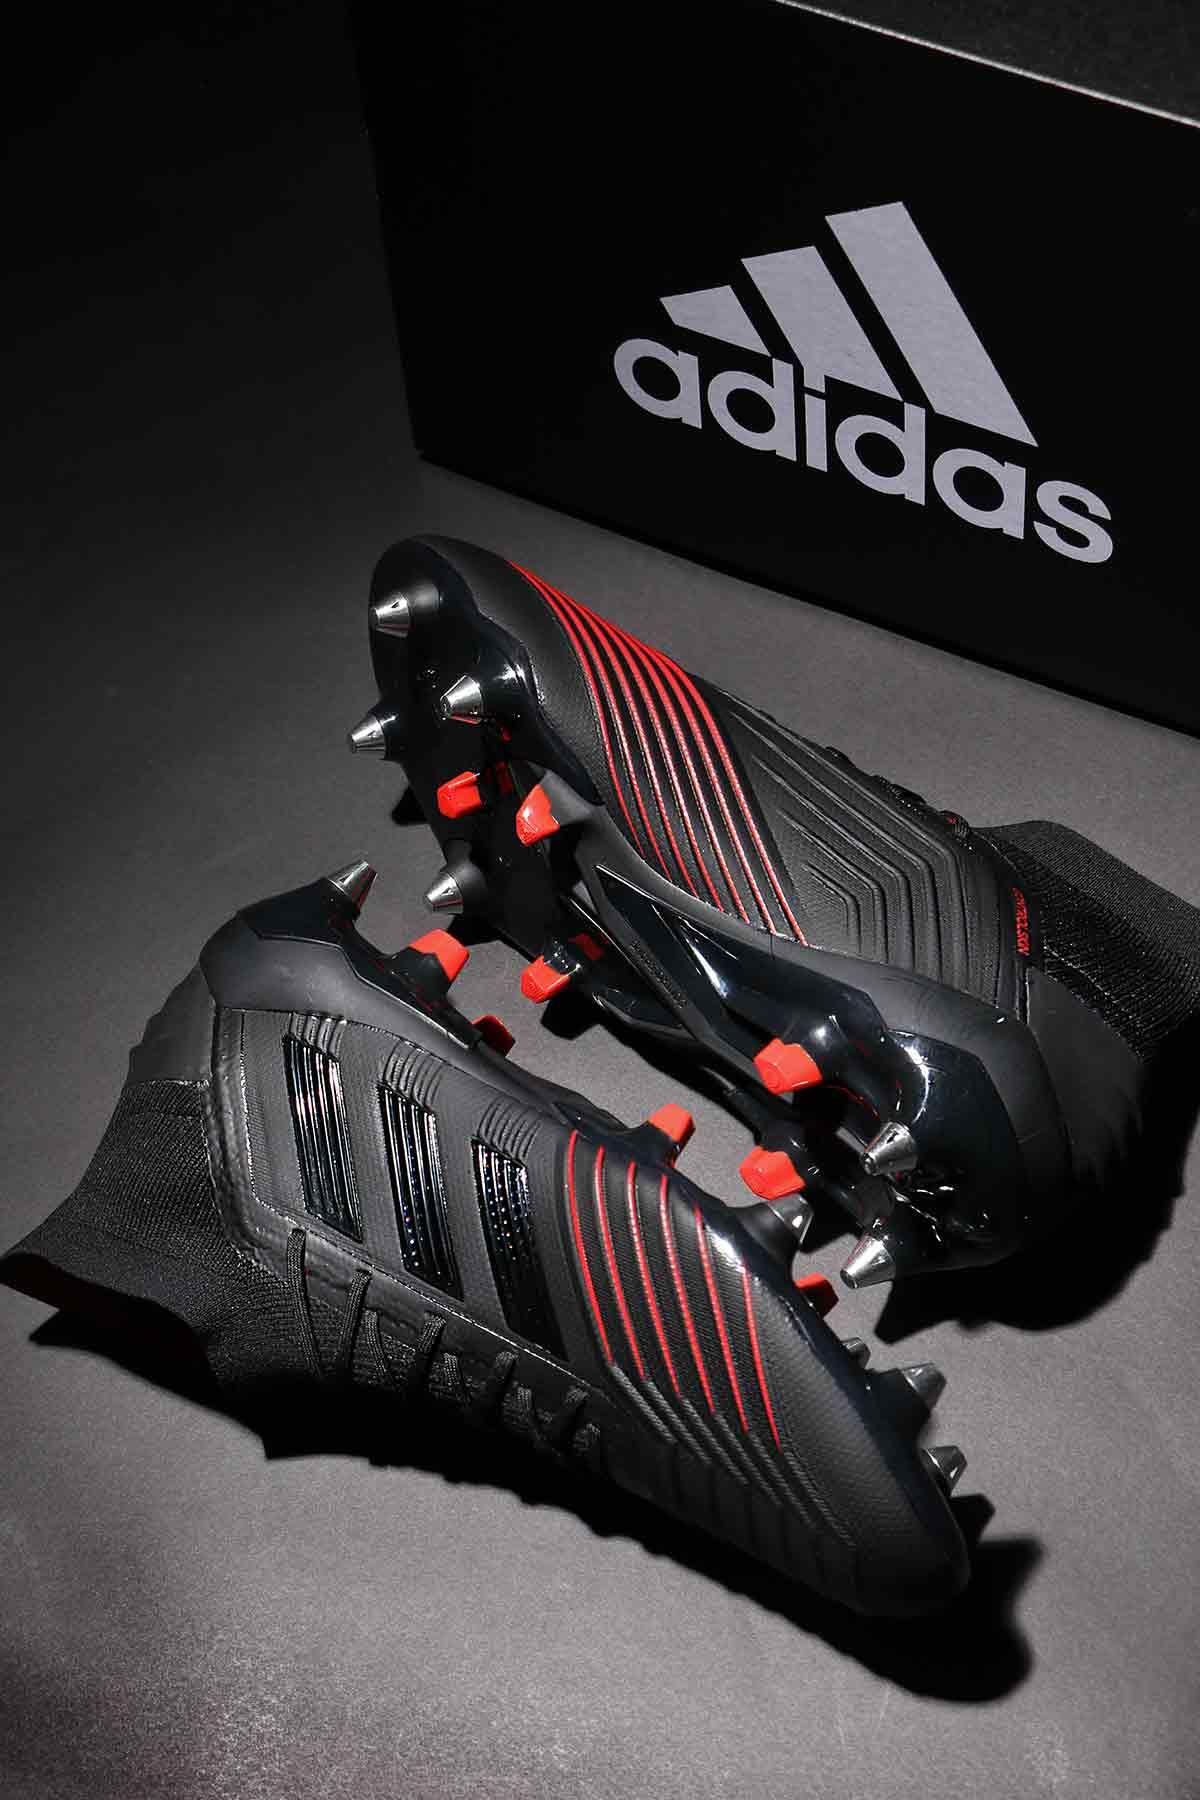 san francisco a1f80 6299c Nuevas botas de fútbol adidas Predator en negro y rojo, de la colección  Archetic.  futbolmania  adidasfootball  adidaspredator